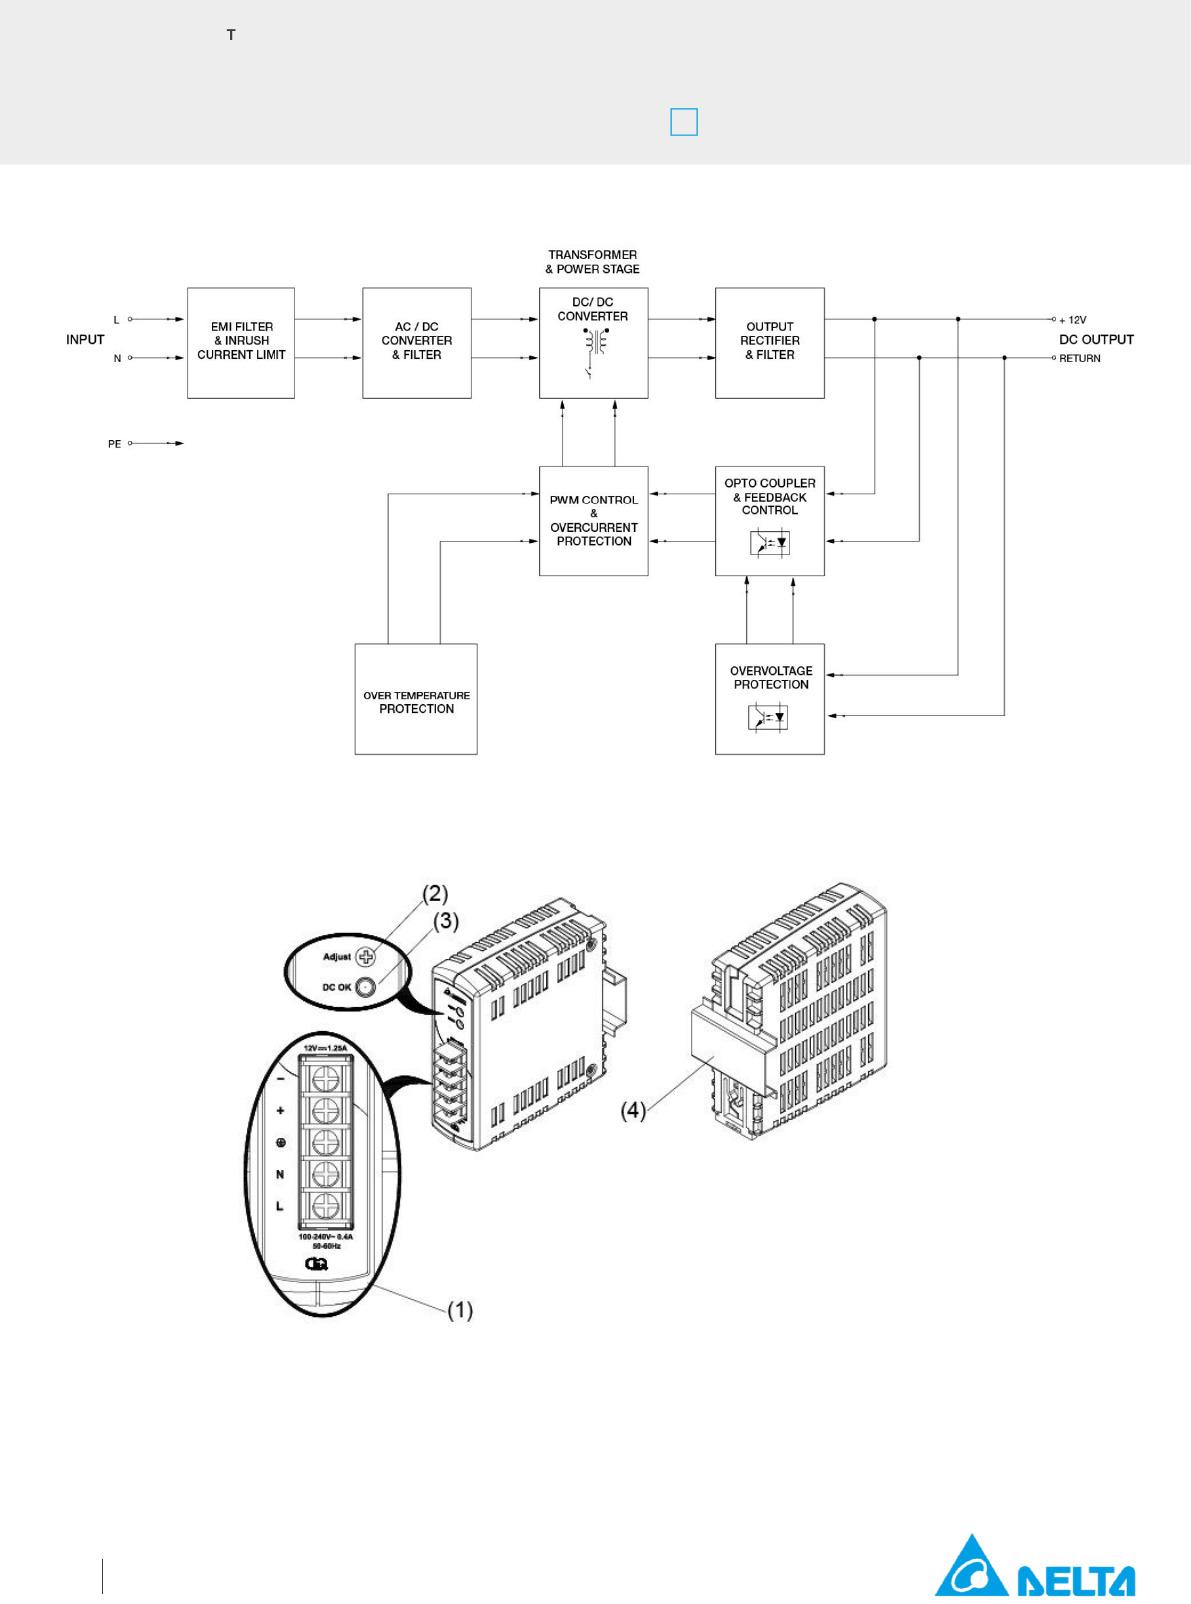 12 volt cigarette lighter socket wiring diagram car damage inspection 12v to 120v transformer database dc ch schematic data input output